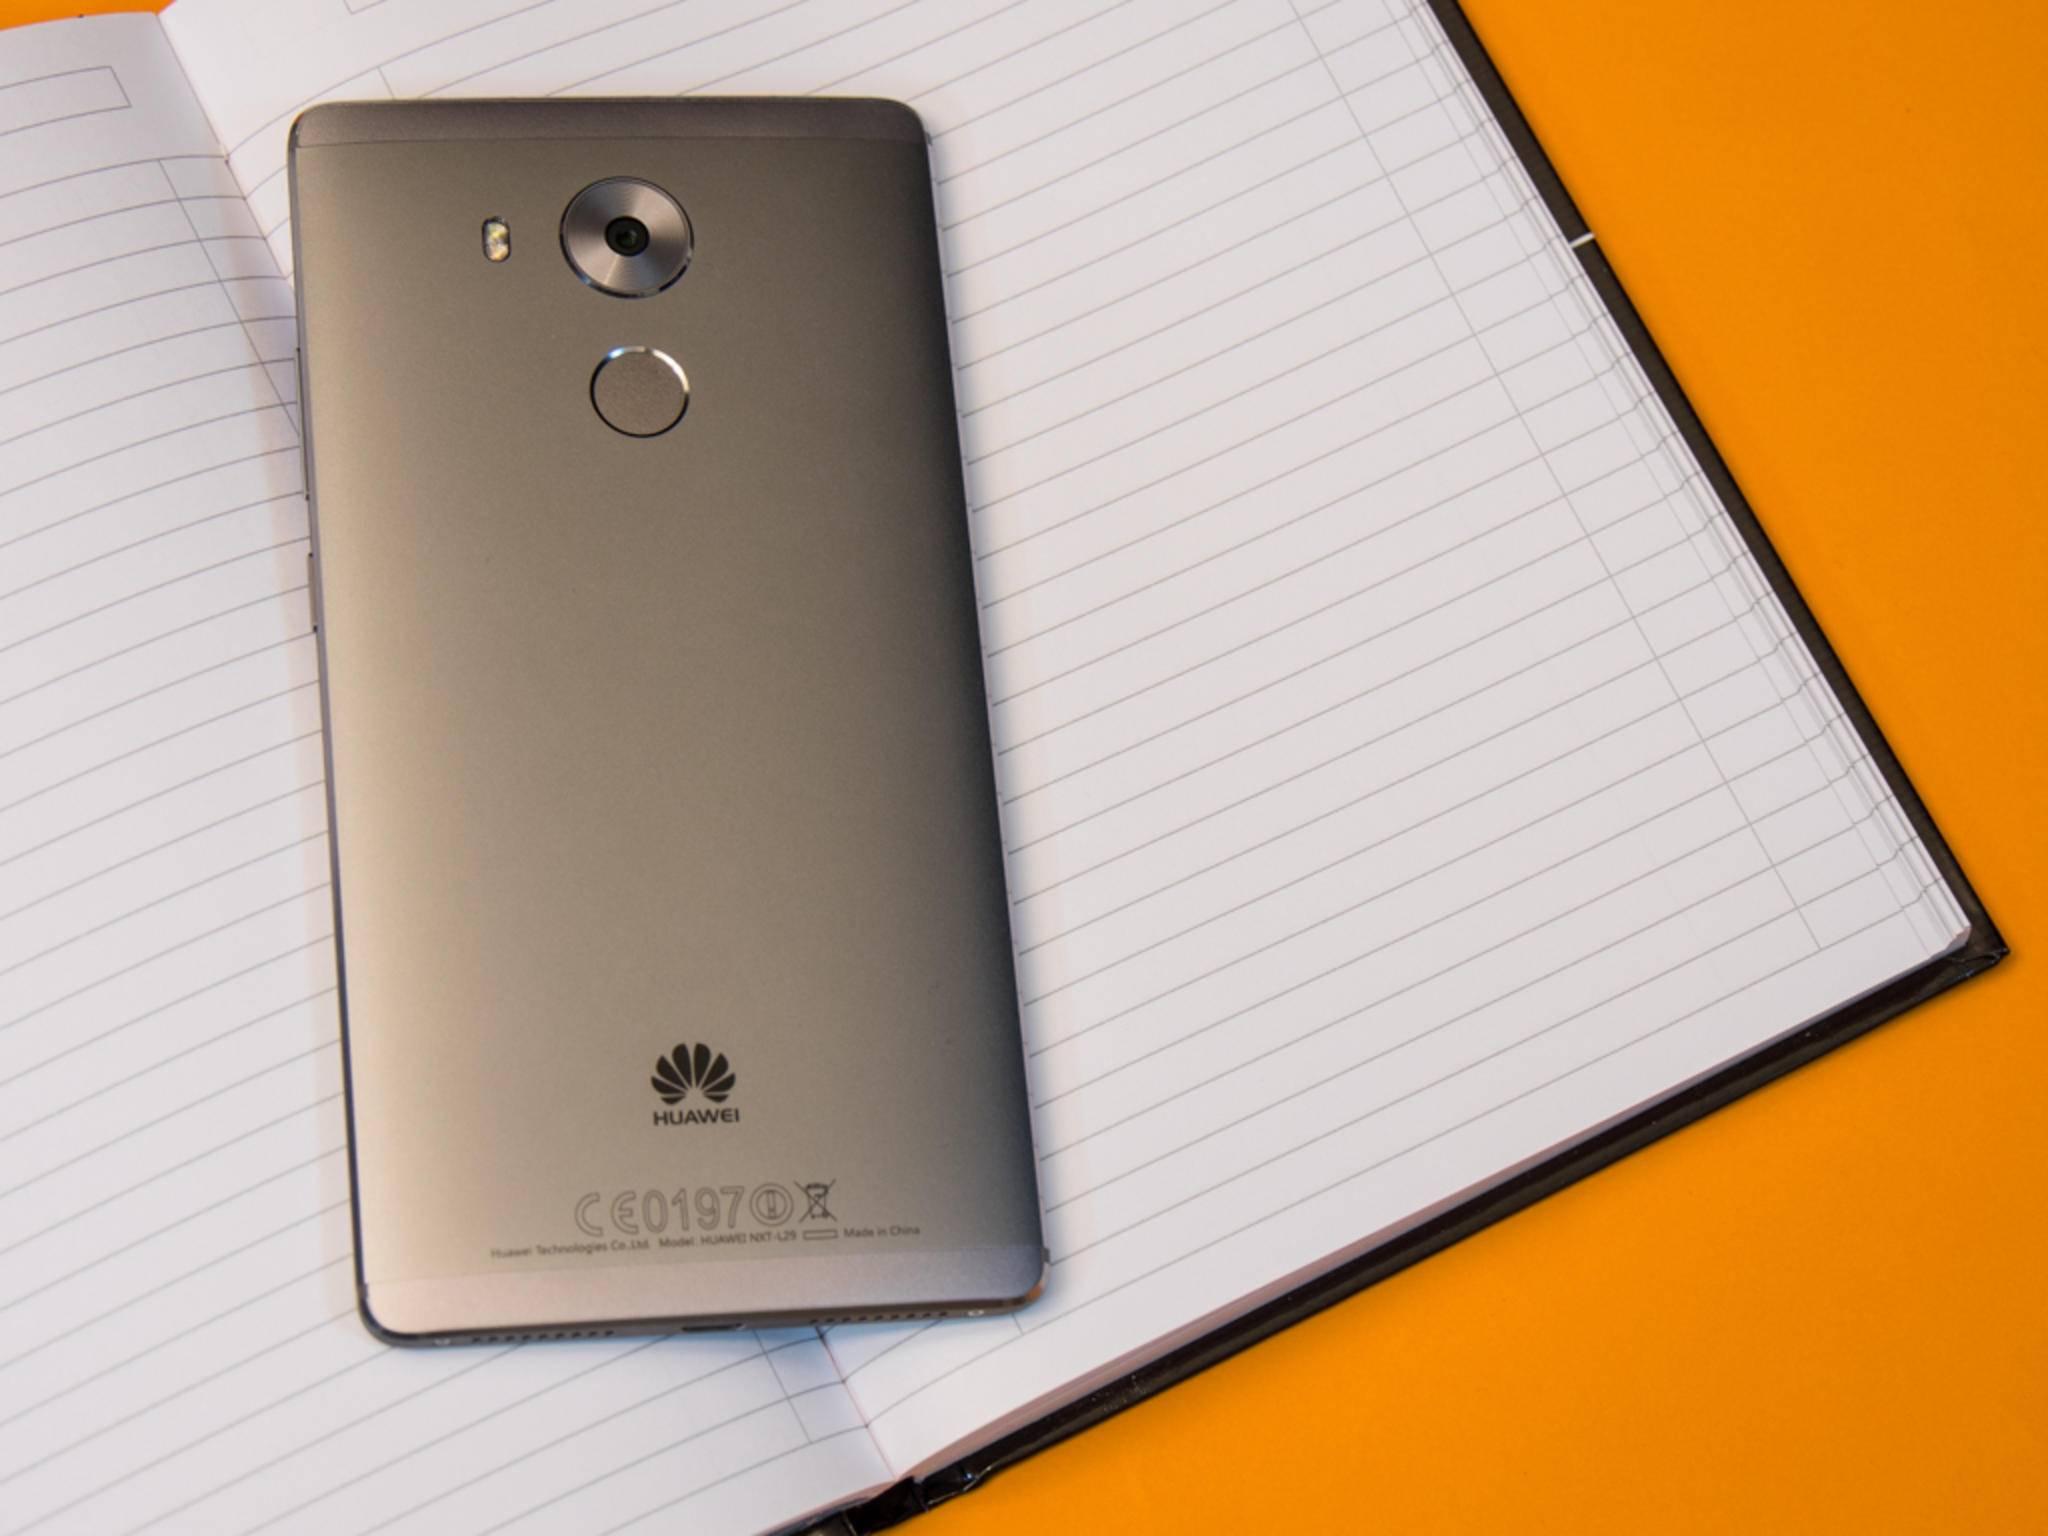 Die Abmessungen entsprechen daher fast denen des 5,5 Zoll großen iPhone 6s Plus.